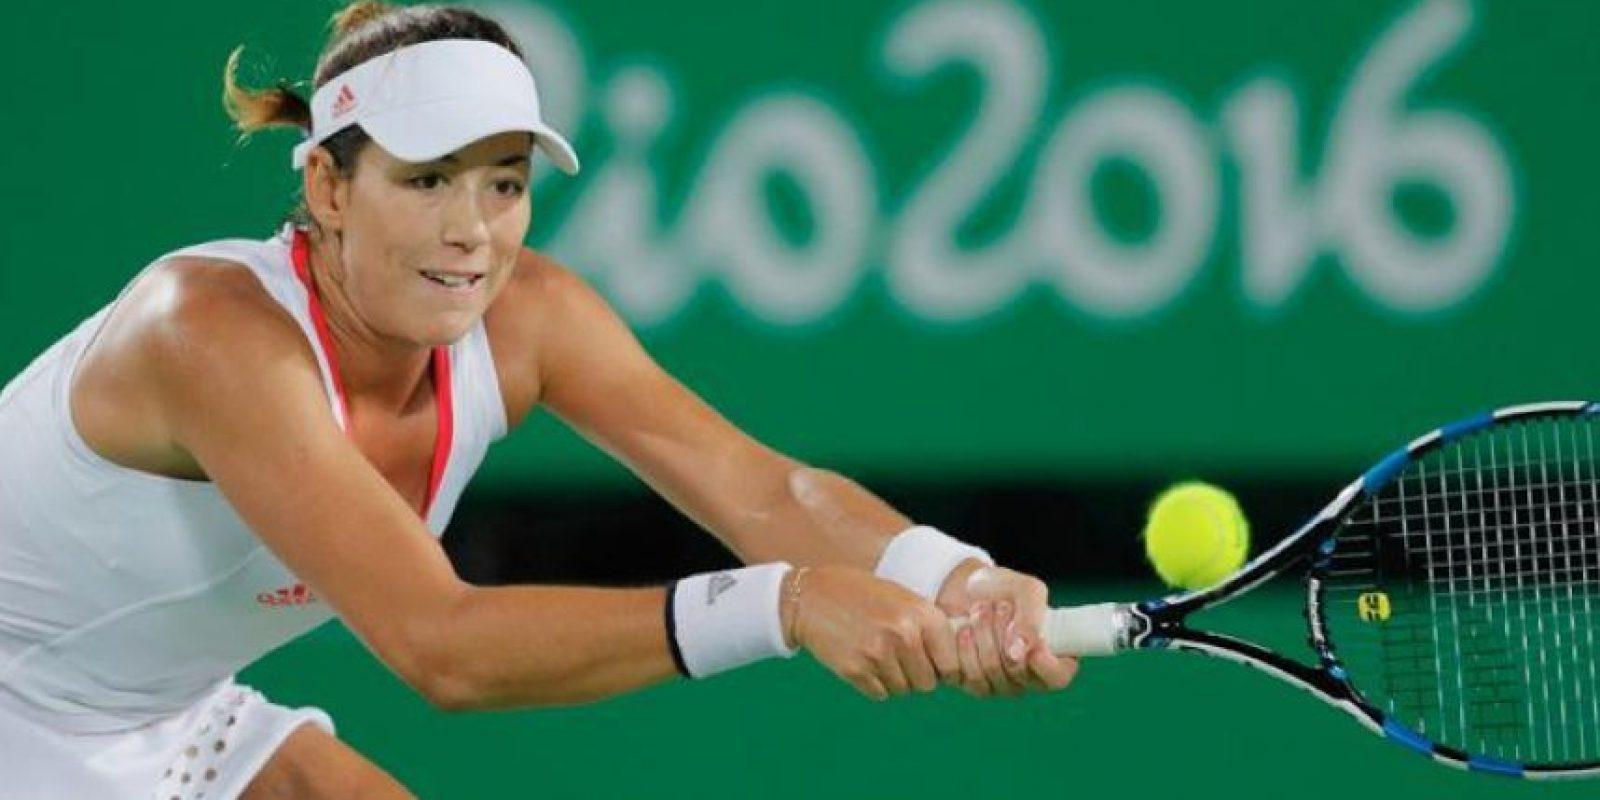 La española Garbiñe Muguruza fue eliminada en la tercera ronda por la puertorriqueña Mónica Puig, con un doble 6-1 Foto:Getty Images